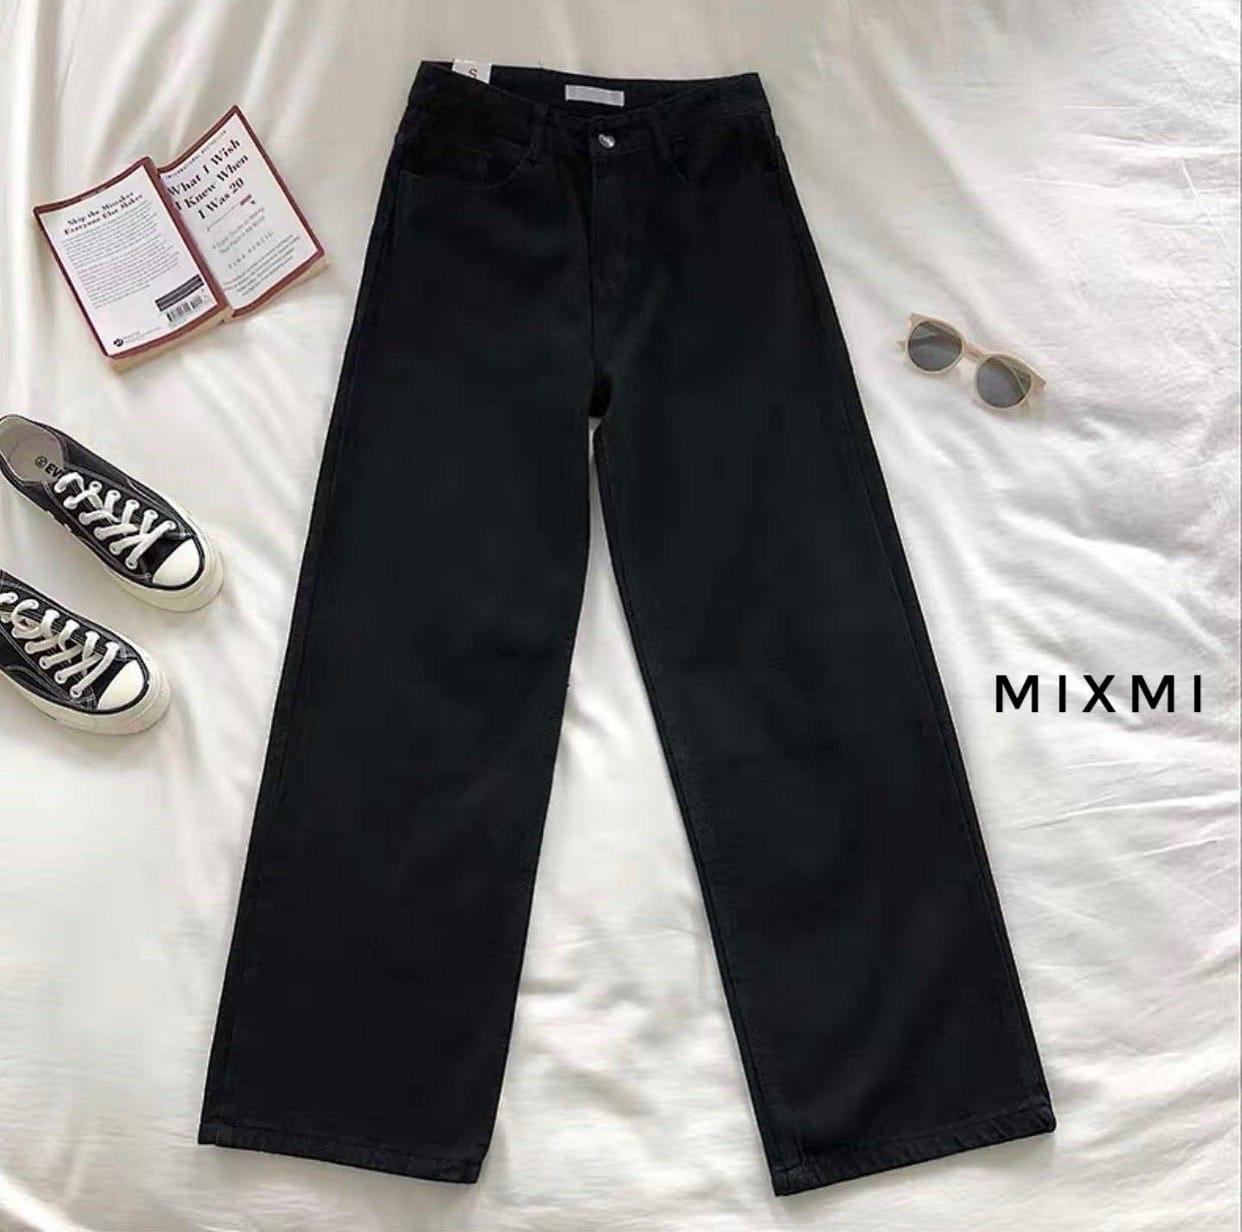 Жіночі штани батал, стрейч - джинс бенгалин, р-р 46-48; 48-50 (чорний)